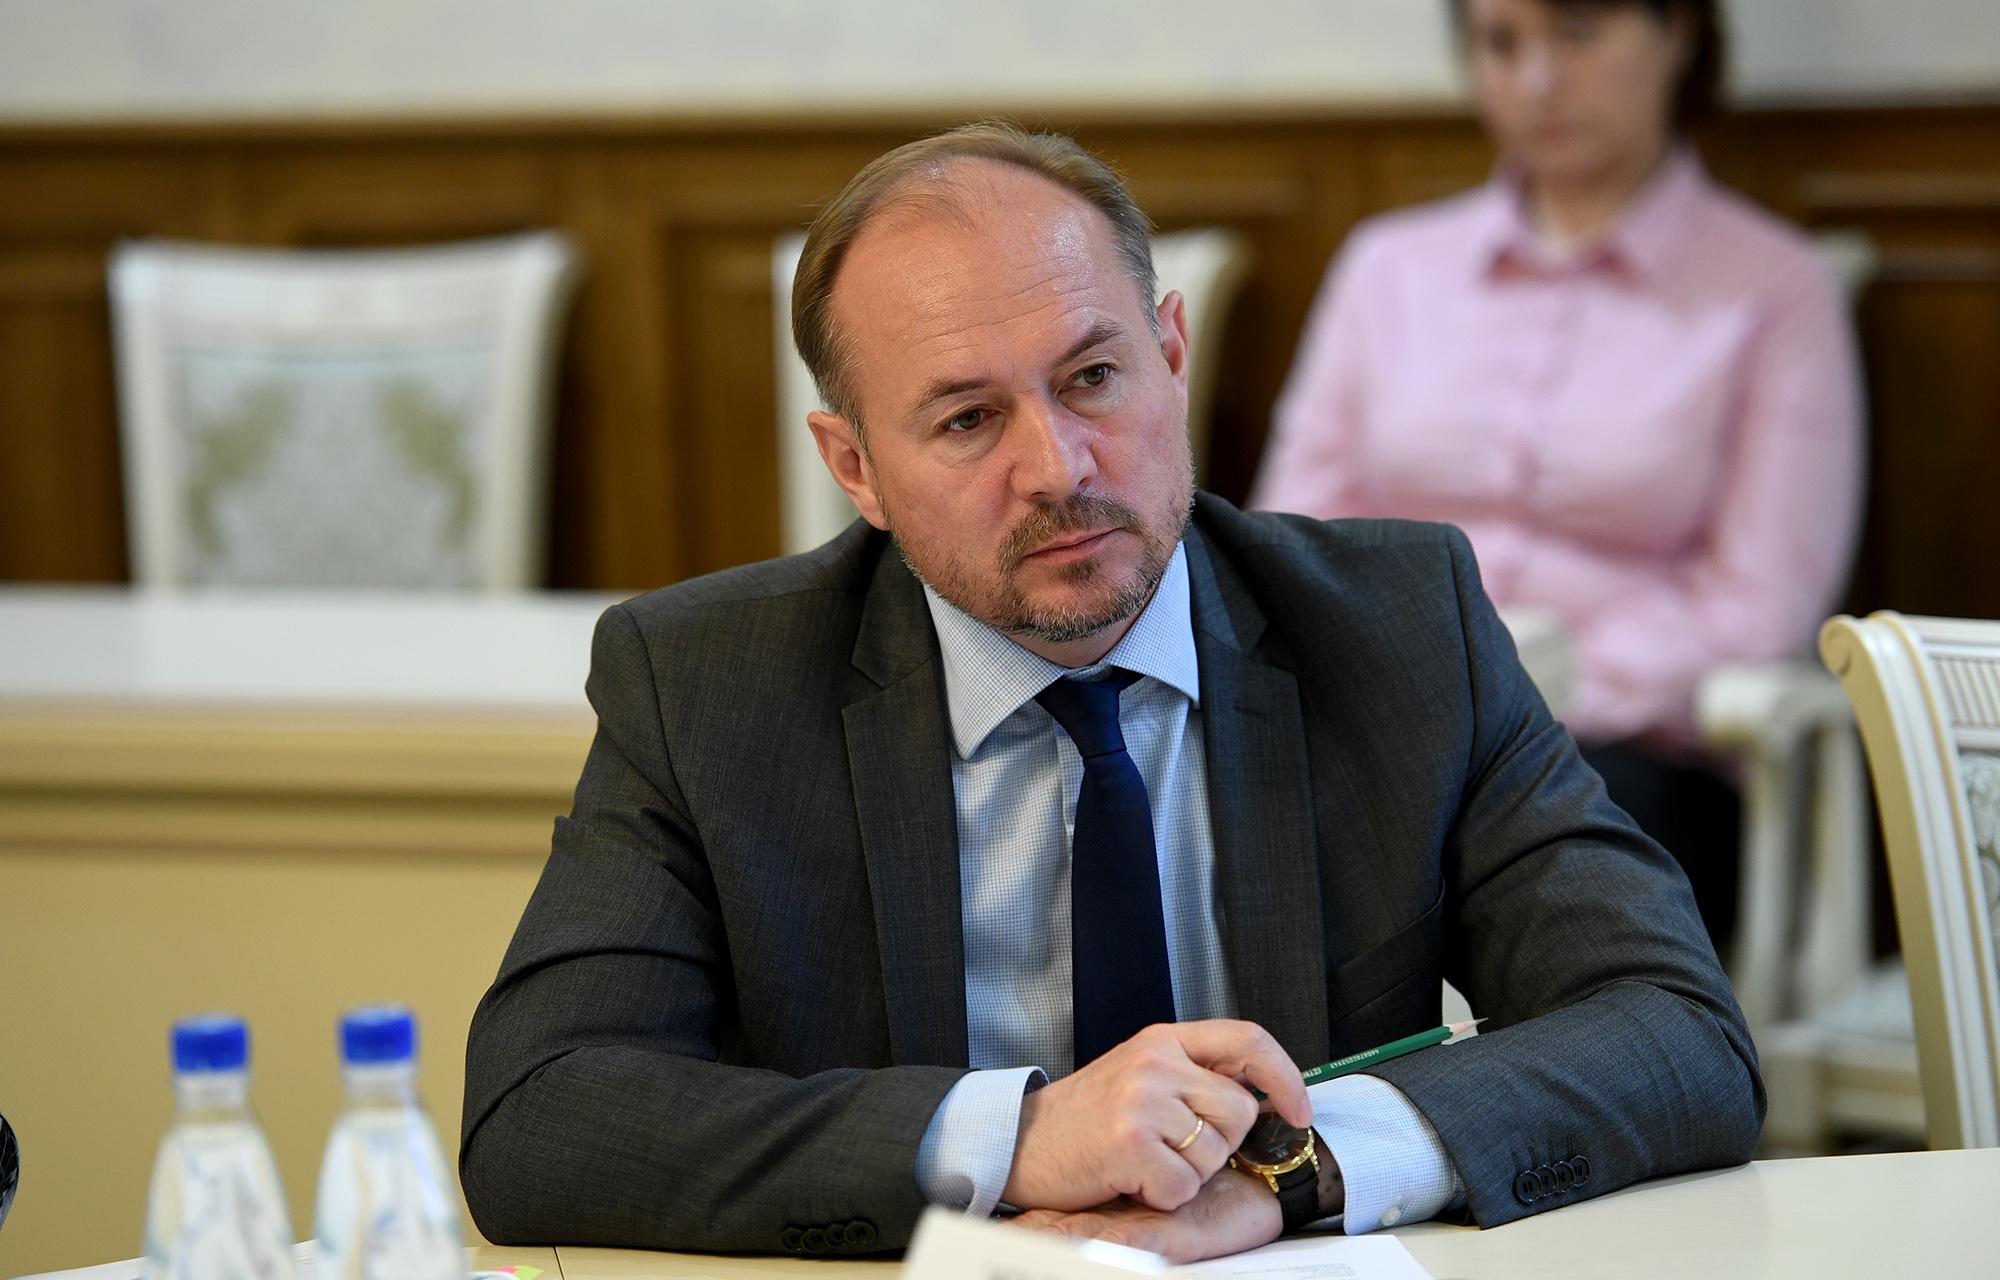 Сергей Журавлёв: сделан громадный прорыв в каждом муниципальном образовании